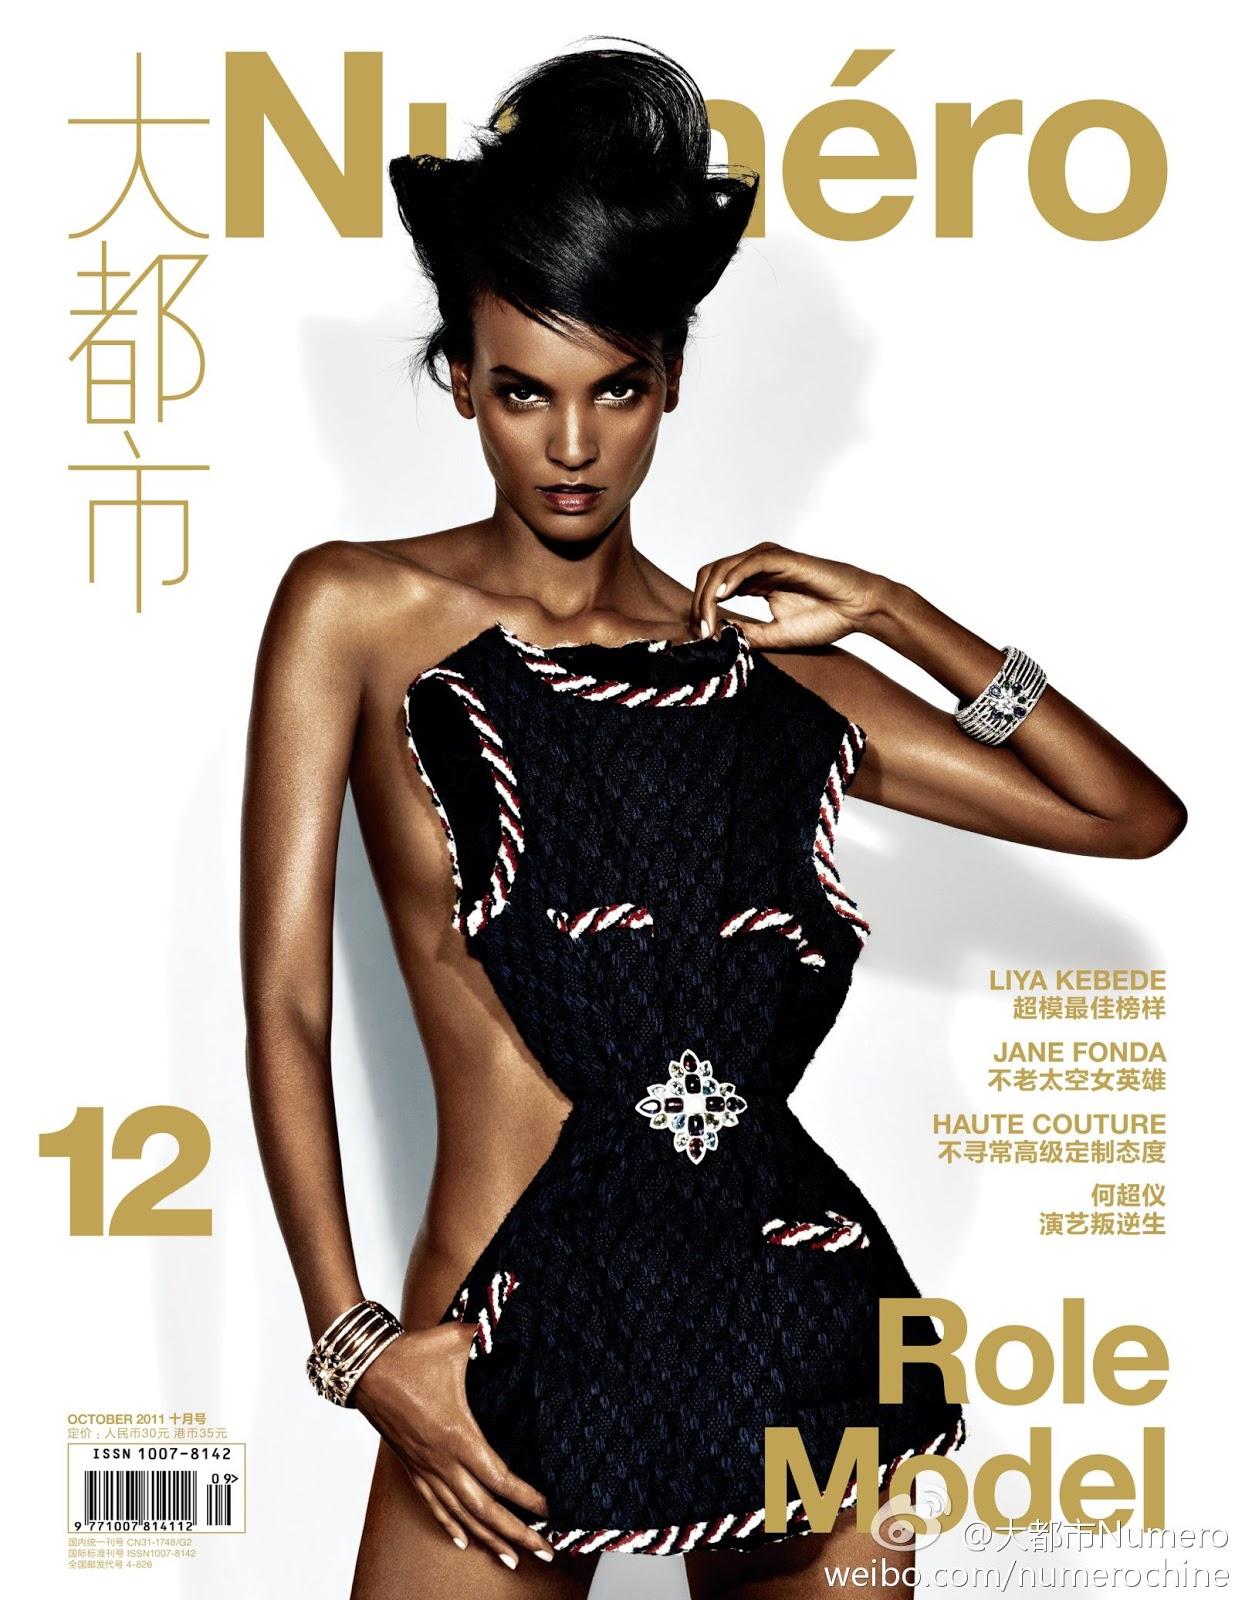 http://3.bp.blogspot.com/-Xp4_CvxR-mU/Tou1FDmPv4I/AAAAAAAA270/anLbwJyJqIc/s1600/China.jpg